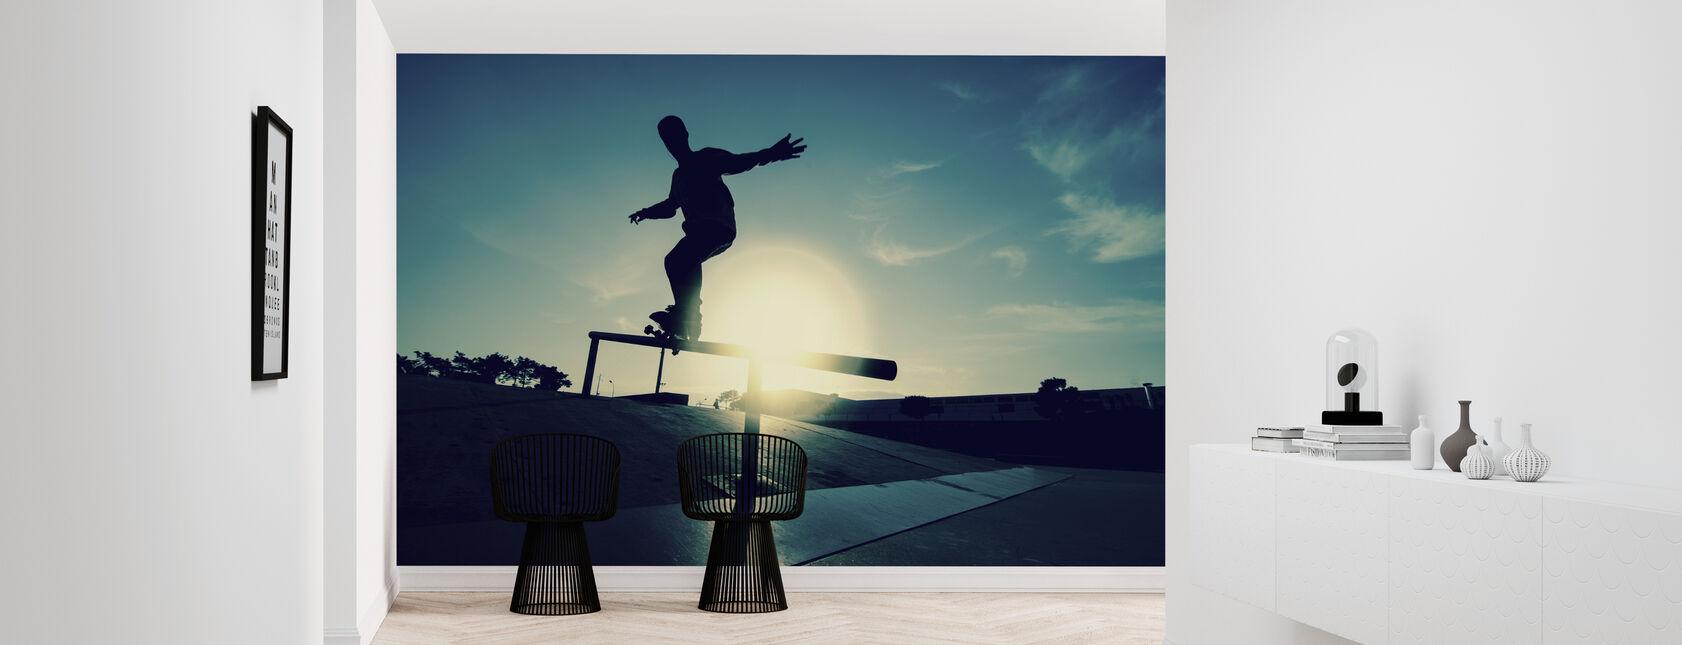 Skateboarder op een Grind - Behang - Gang